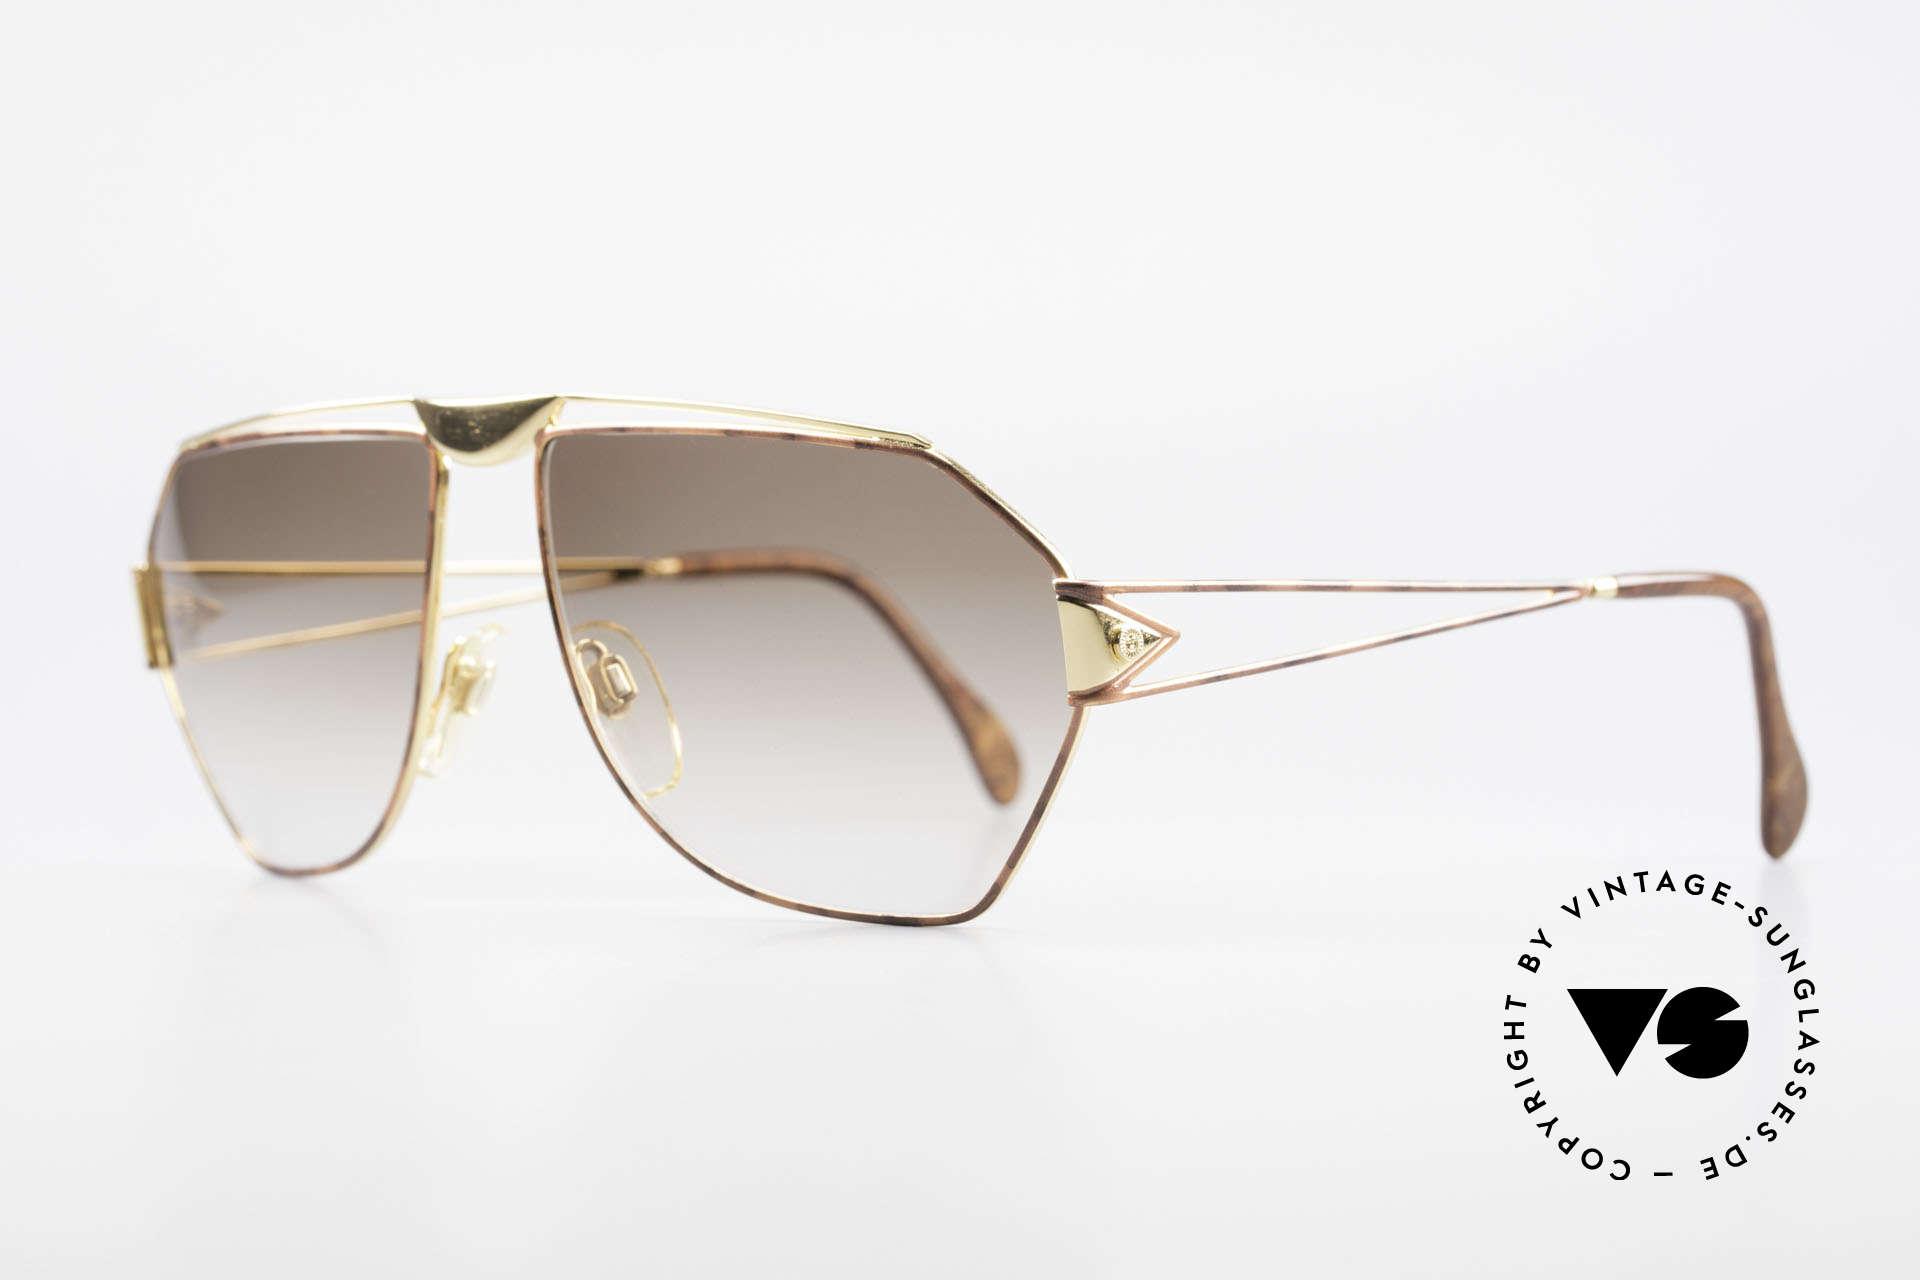 St. Moritz 403 80er Jupiter Sonnenbrille Rar, in Kleinstserie produziert: jeder Rahmen ist nummeriert, Passend für Herren